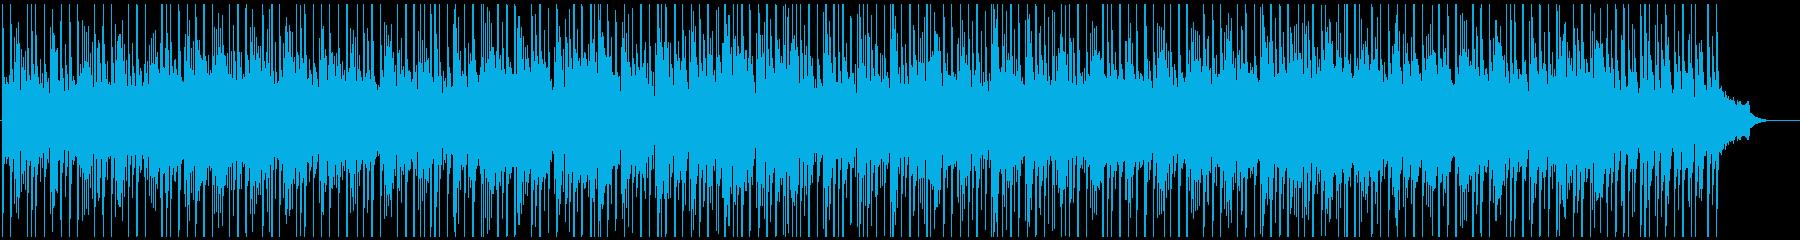 爽やかで前向きな感じの曲の再生済みの波形